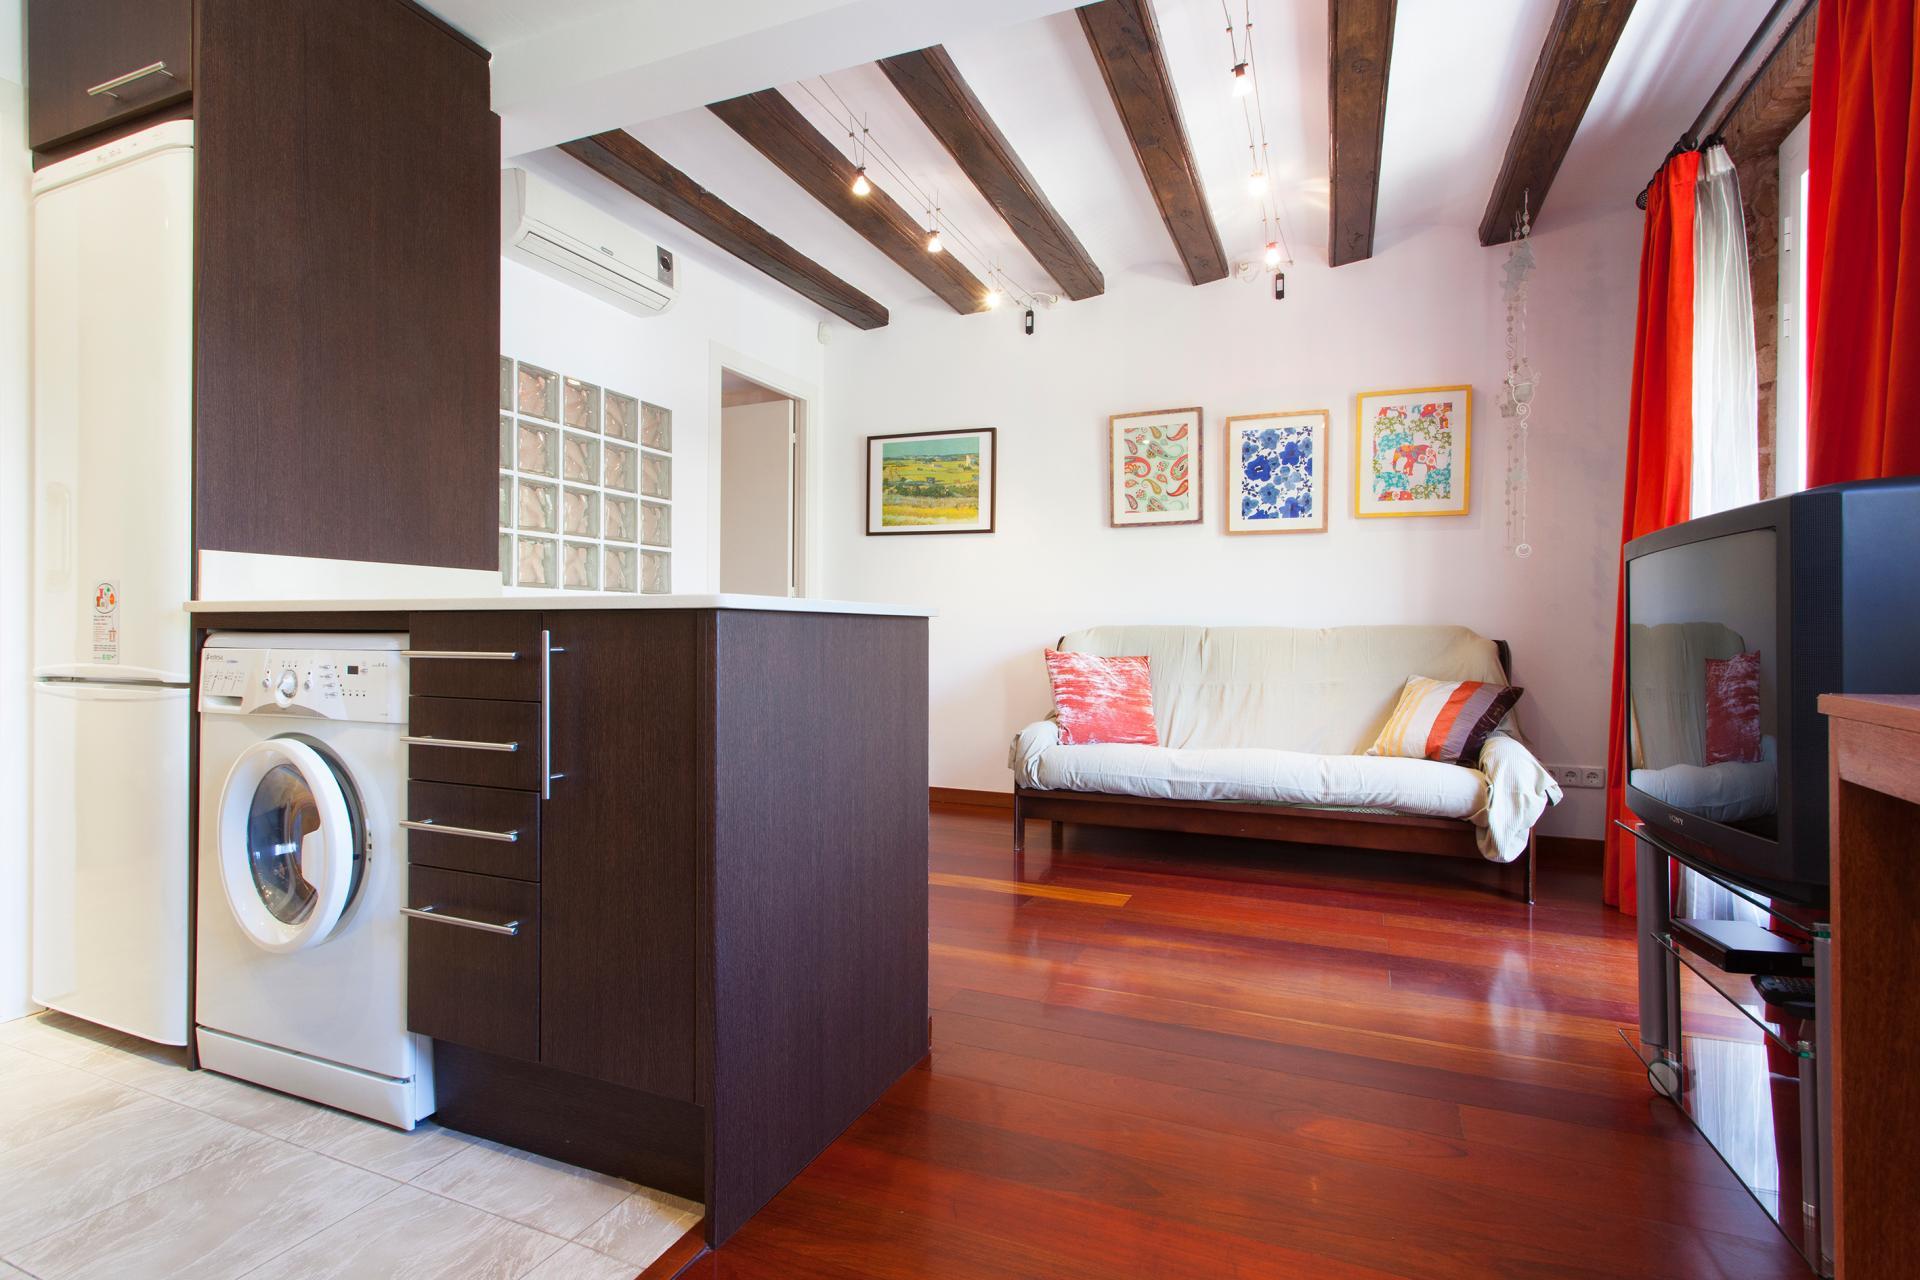 Si affitta appartamento in via Sant Llátzer - Plaza del Pedró